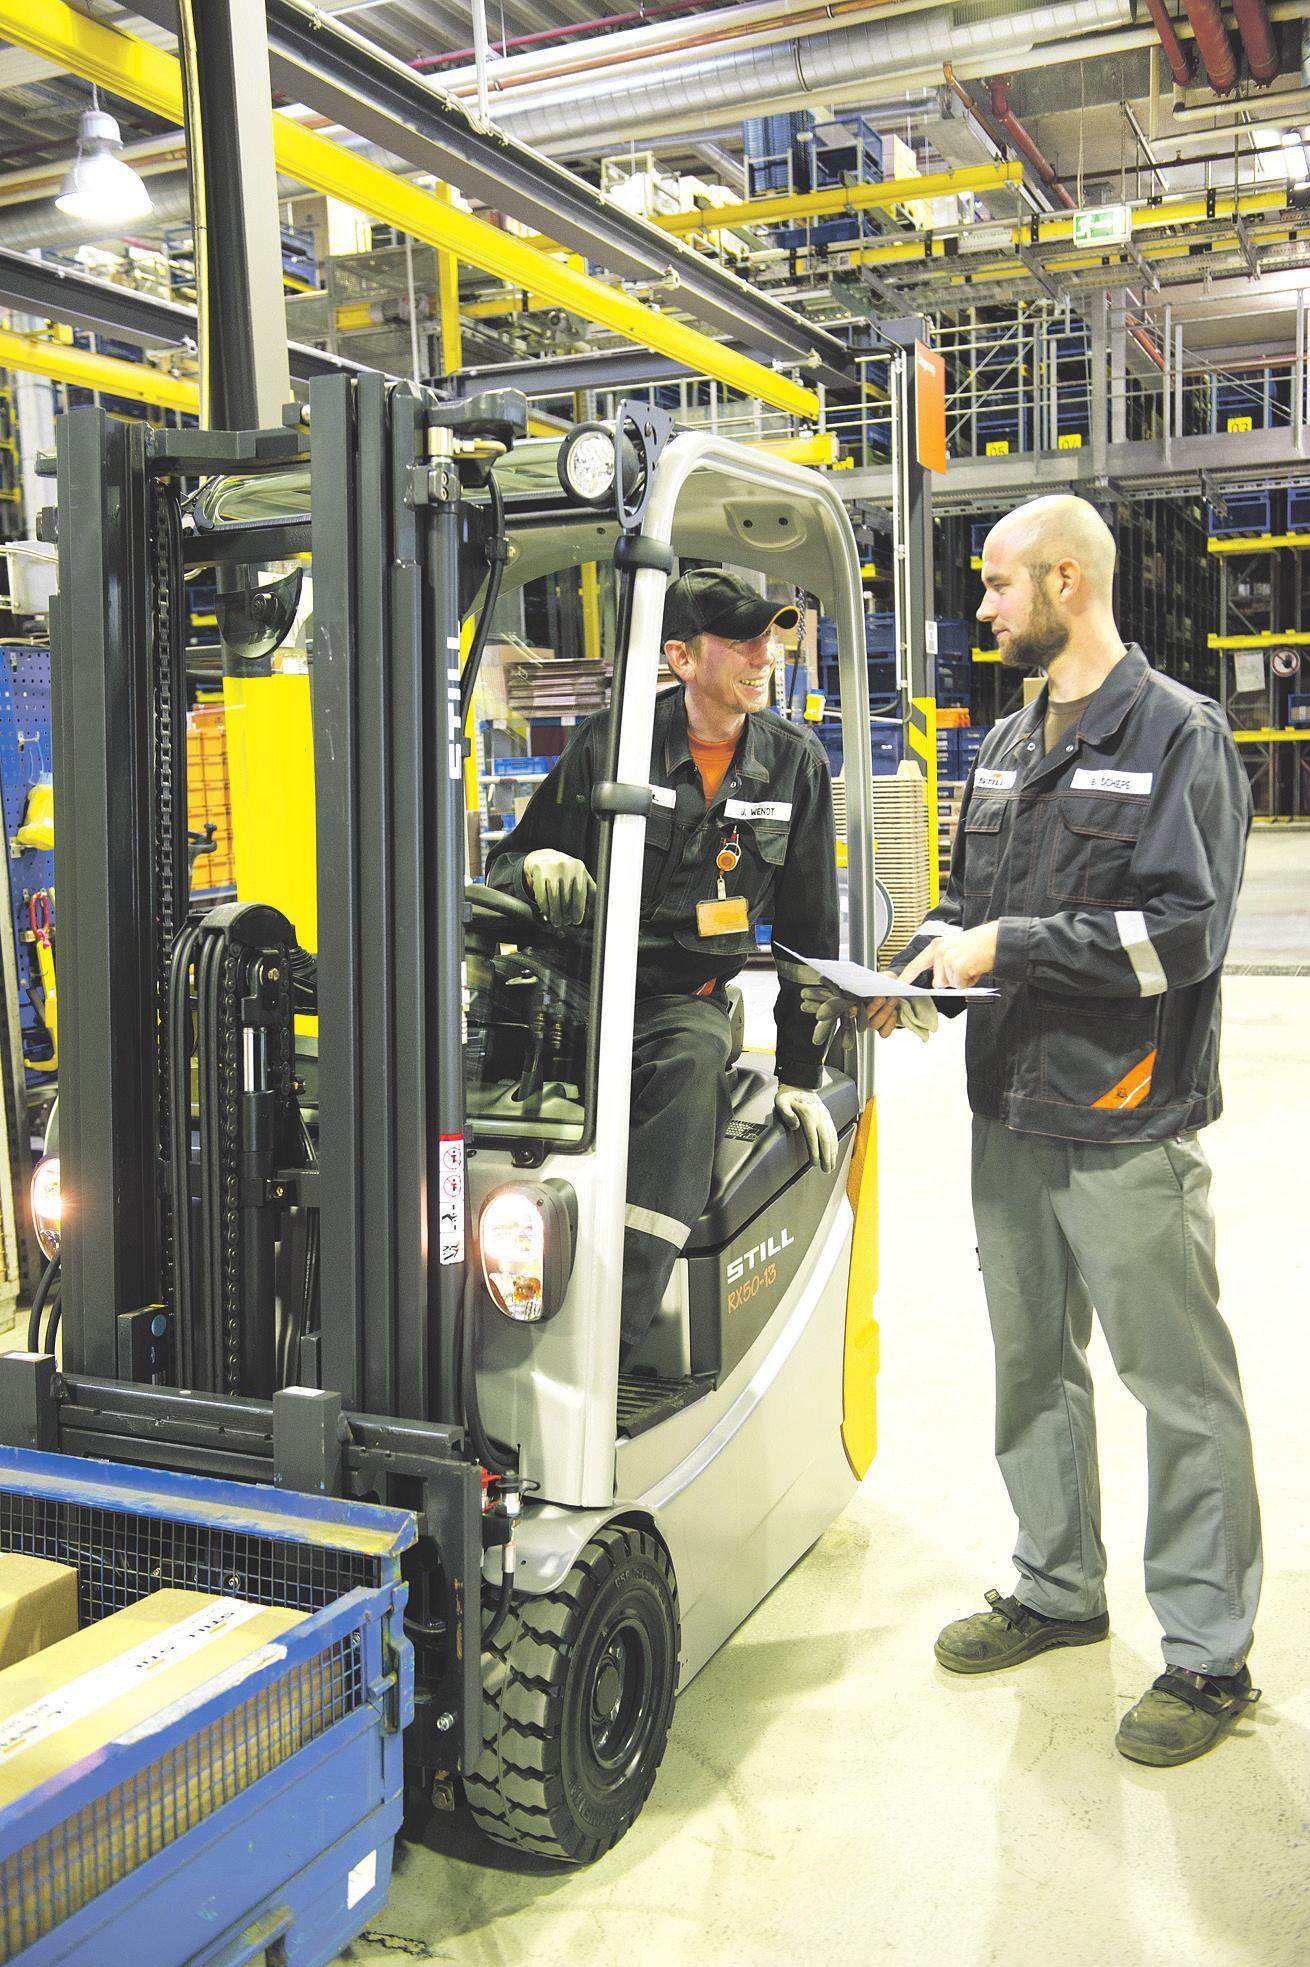 Auf rund 200 Einzelarbeitsplätzen vor Ort in regionalen Unternehmen geben die Elbe-Werkstätten Menschen mit Behinderung Leistungen zu beruflicher Bildung und Arbeit sowie individuelle Unterstützung Foto: Elbe-Werkstätten